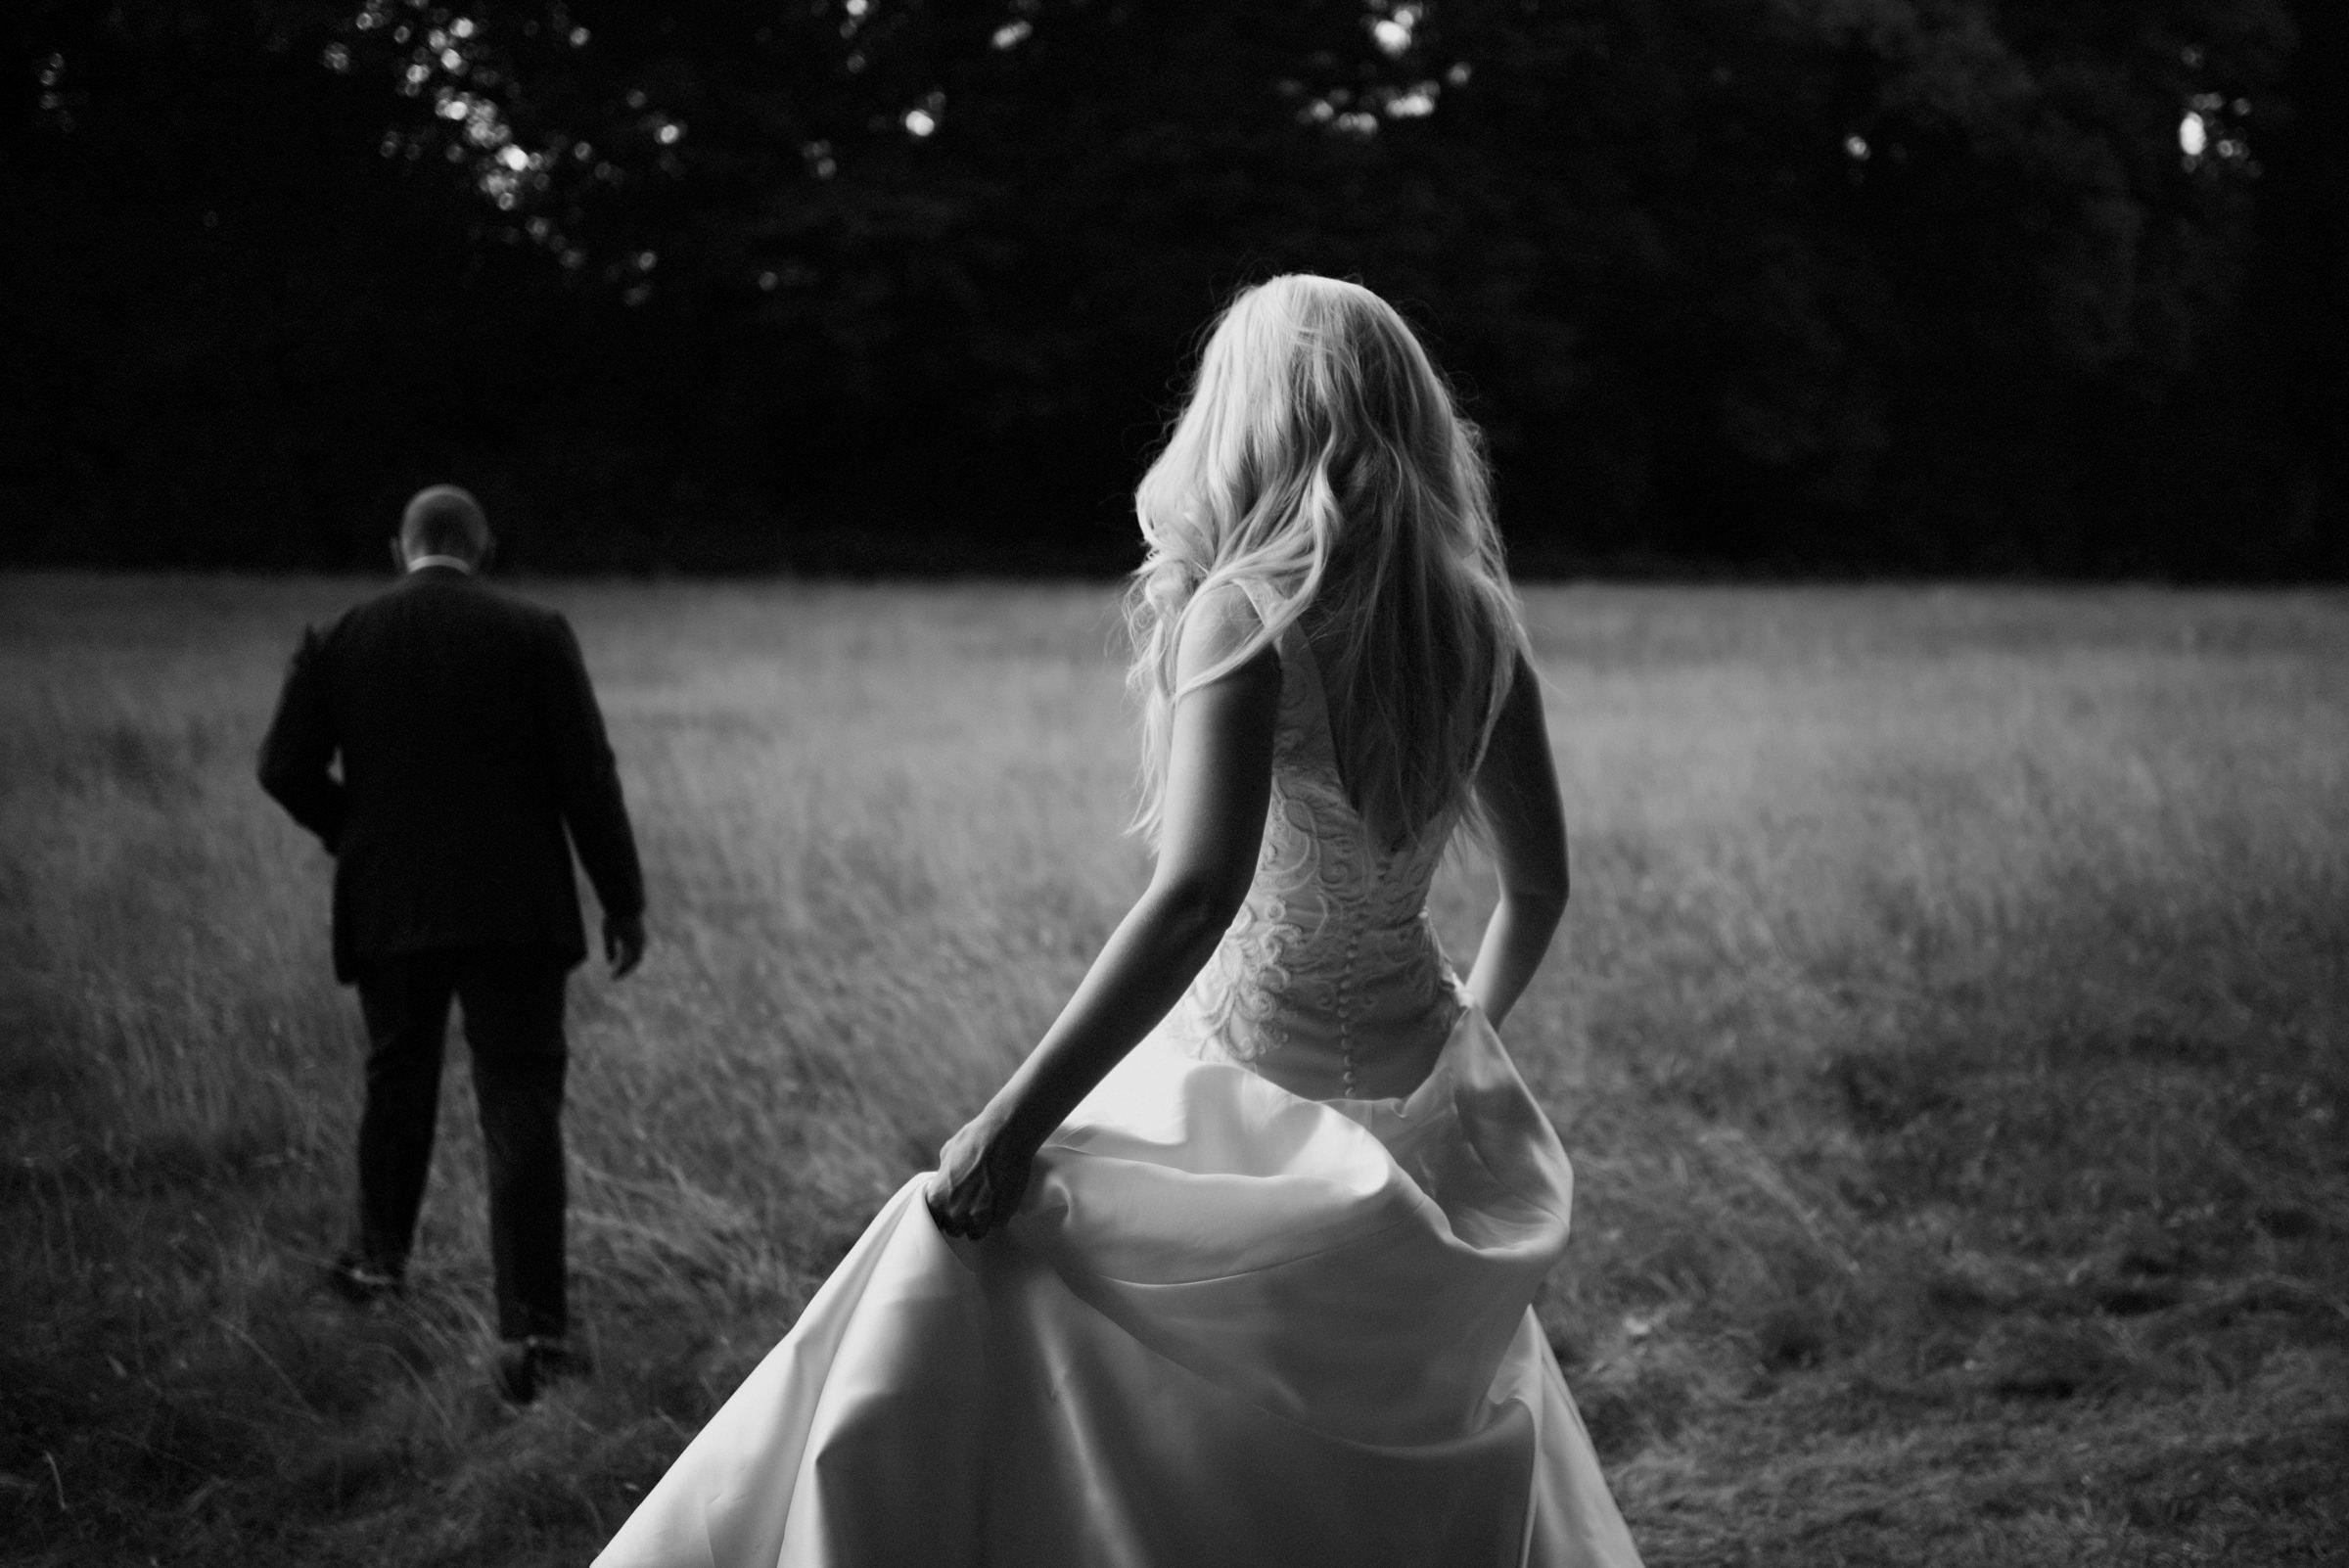 Bride follows groom out of doors - photo by Naomi van der Kraan